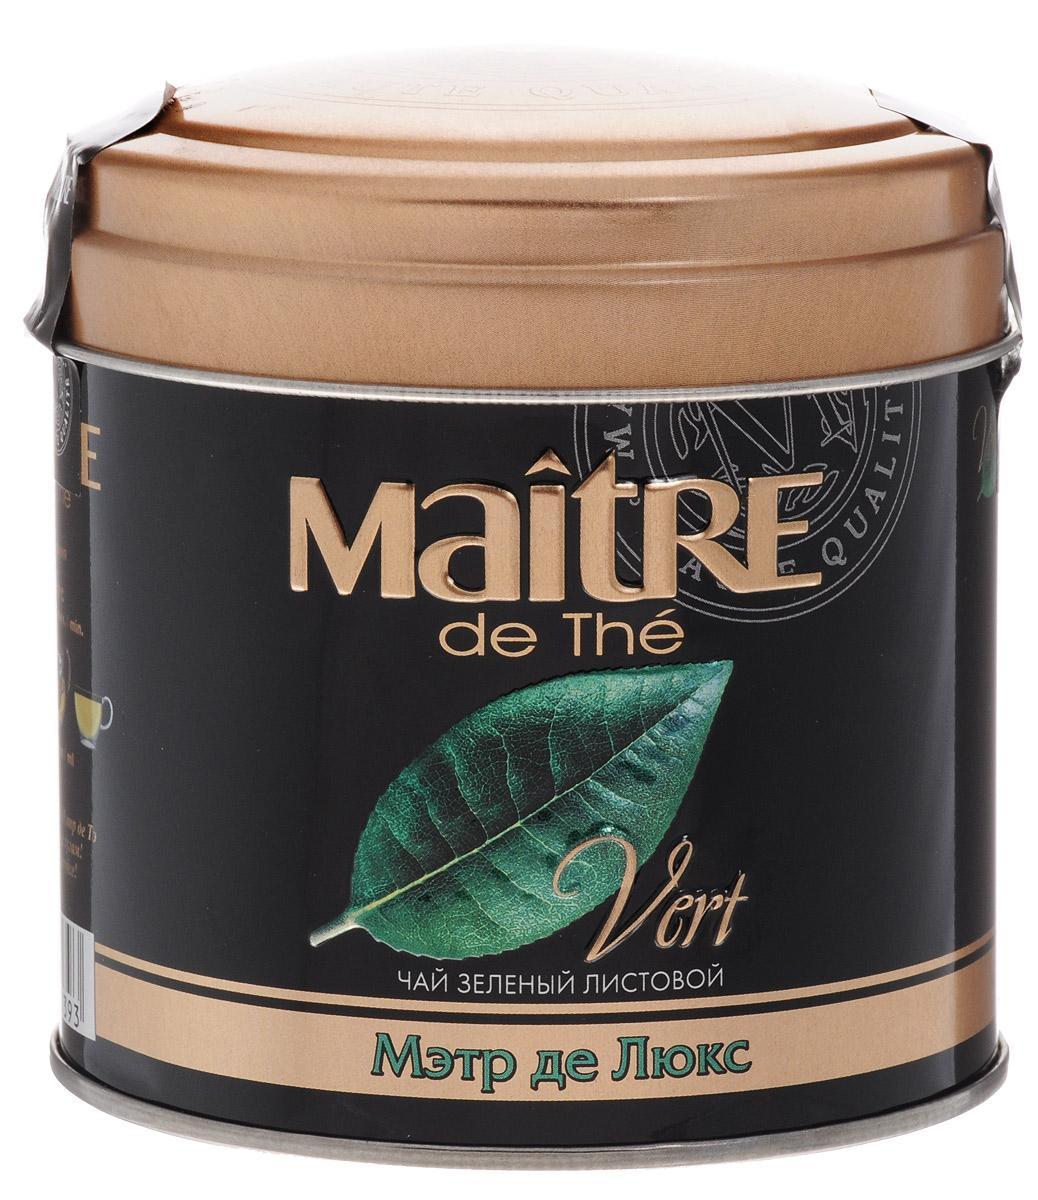 Maitre de The Де Люкс зеленый листовой чай, 65 г (жестяная банка)бар170рMaitre de The Де Люкс Зеленый листовой чай - это необыкновенный чай, сочетающий изысканный сладкий аромат белого чая со вкусом и полезными свойствами зеленого чая.Белые чайные листочки придают настою яркий прозрачный цвет.Всё о чае: сорта, факты, советы по выбору и употреблению. Статья OZON Гид